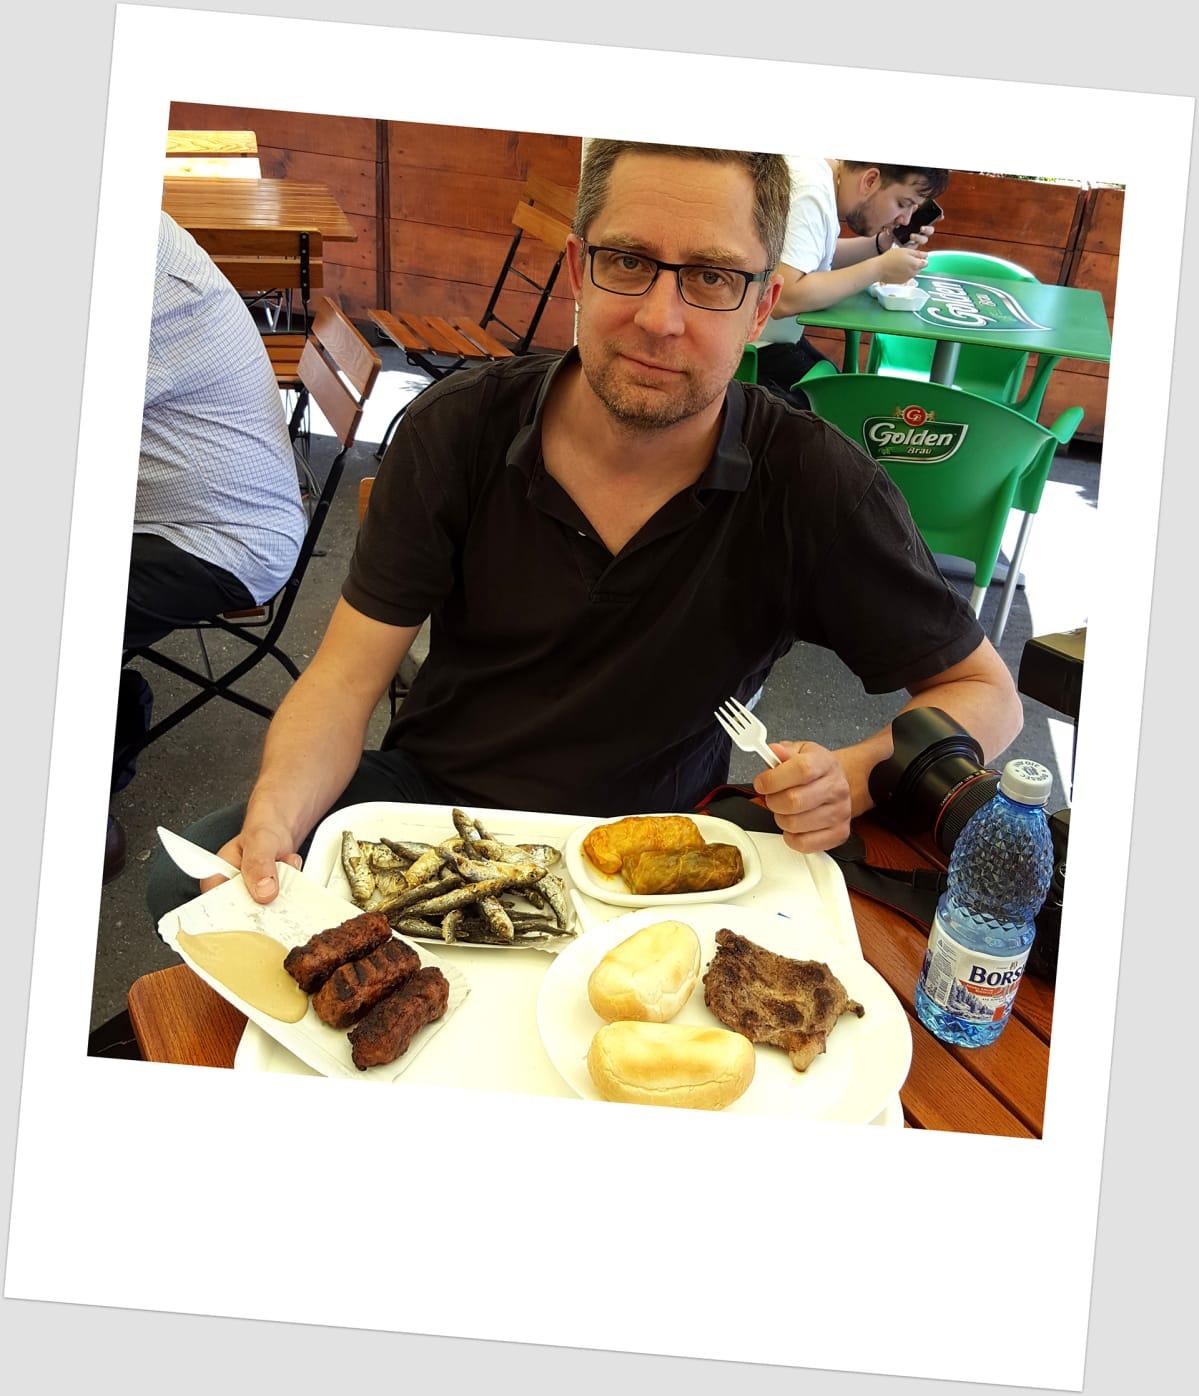 Paikallisia herkkuja Obor torilla. Kaalikääryleet, paistetut muikut, grillattu porsaankyljys ja maustettu lihapulla.